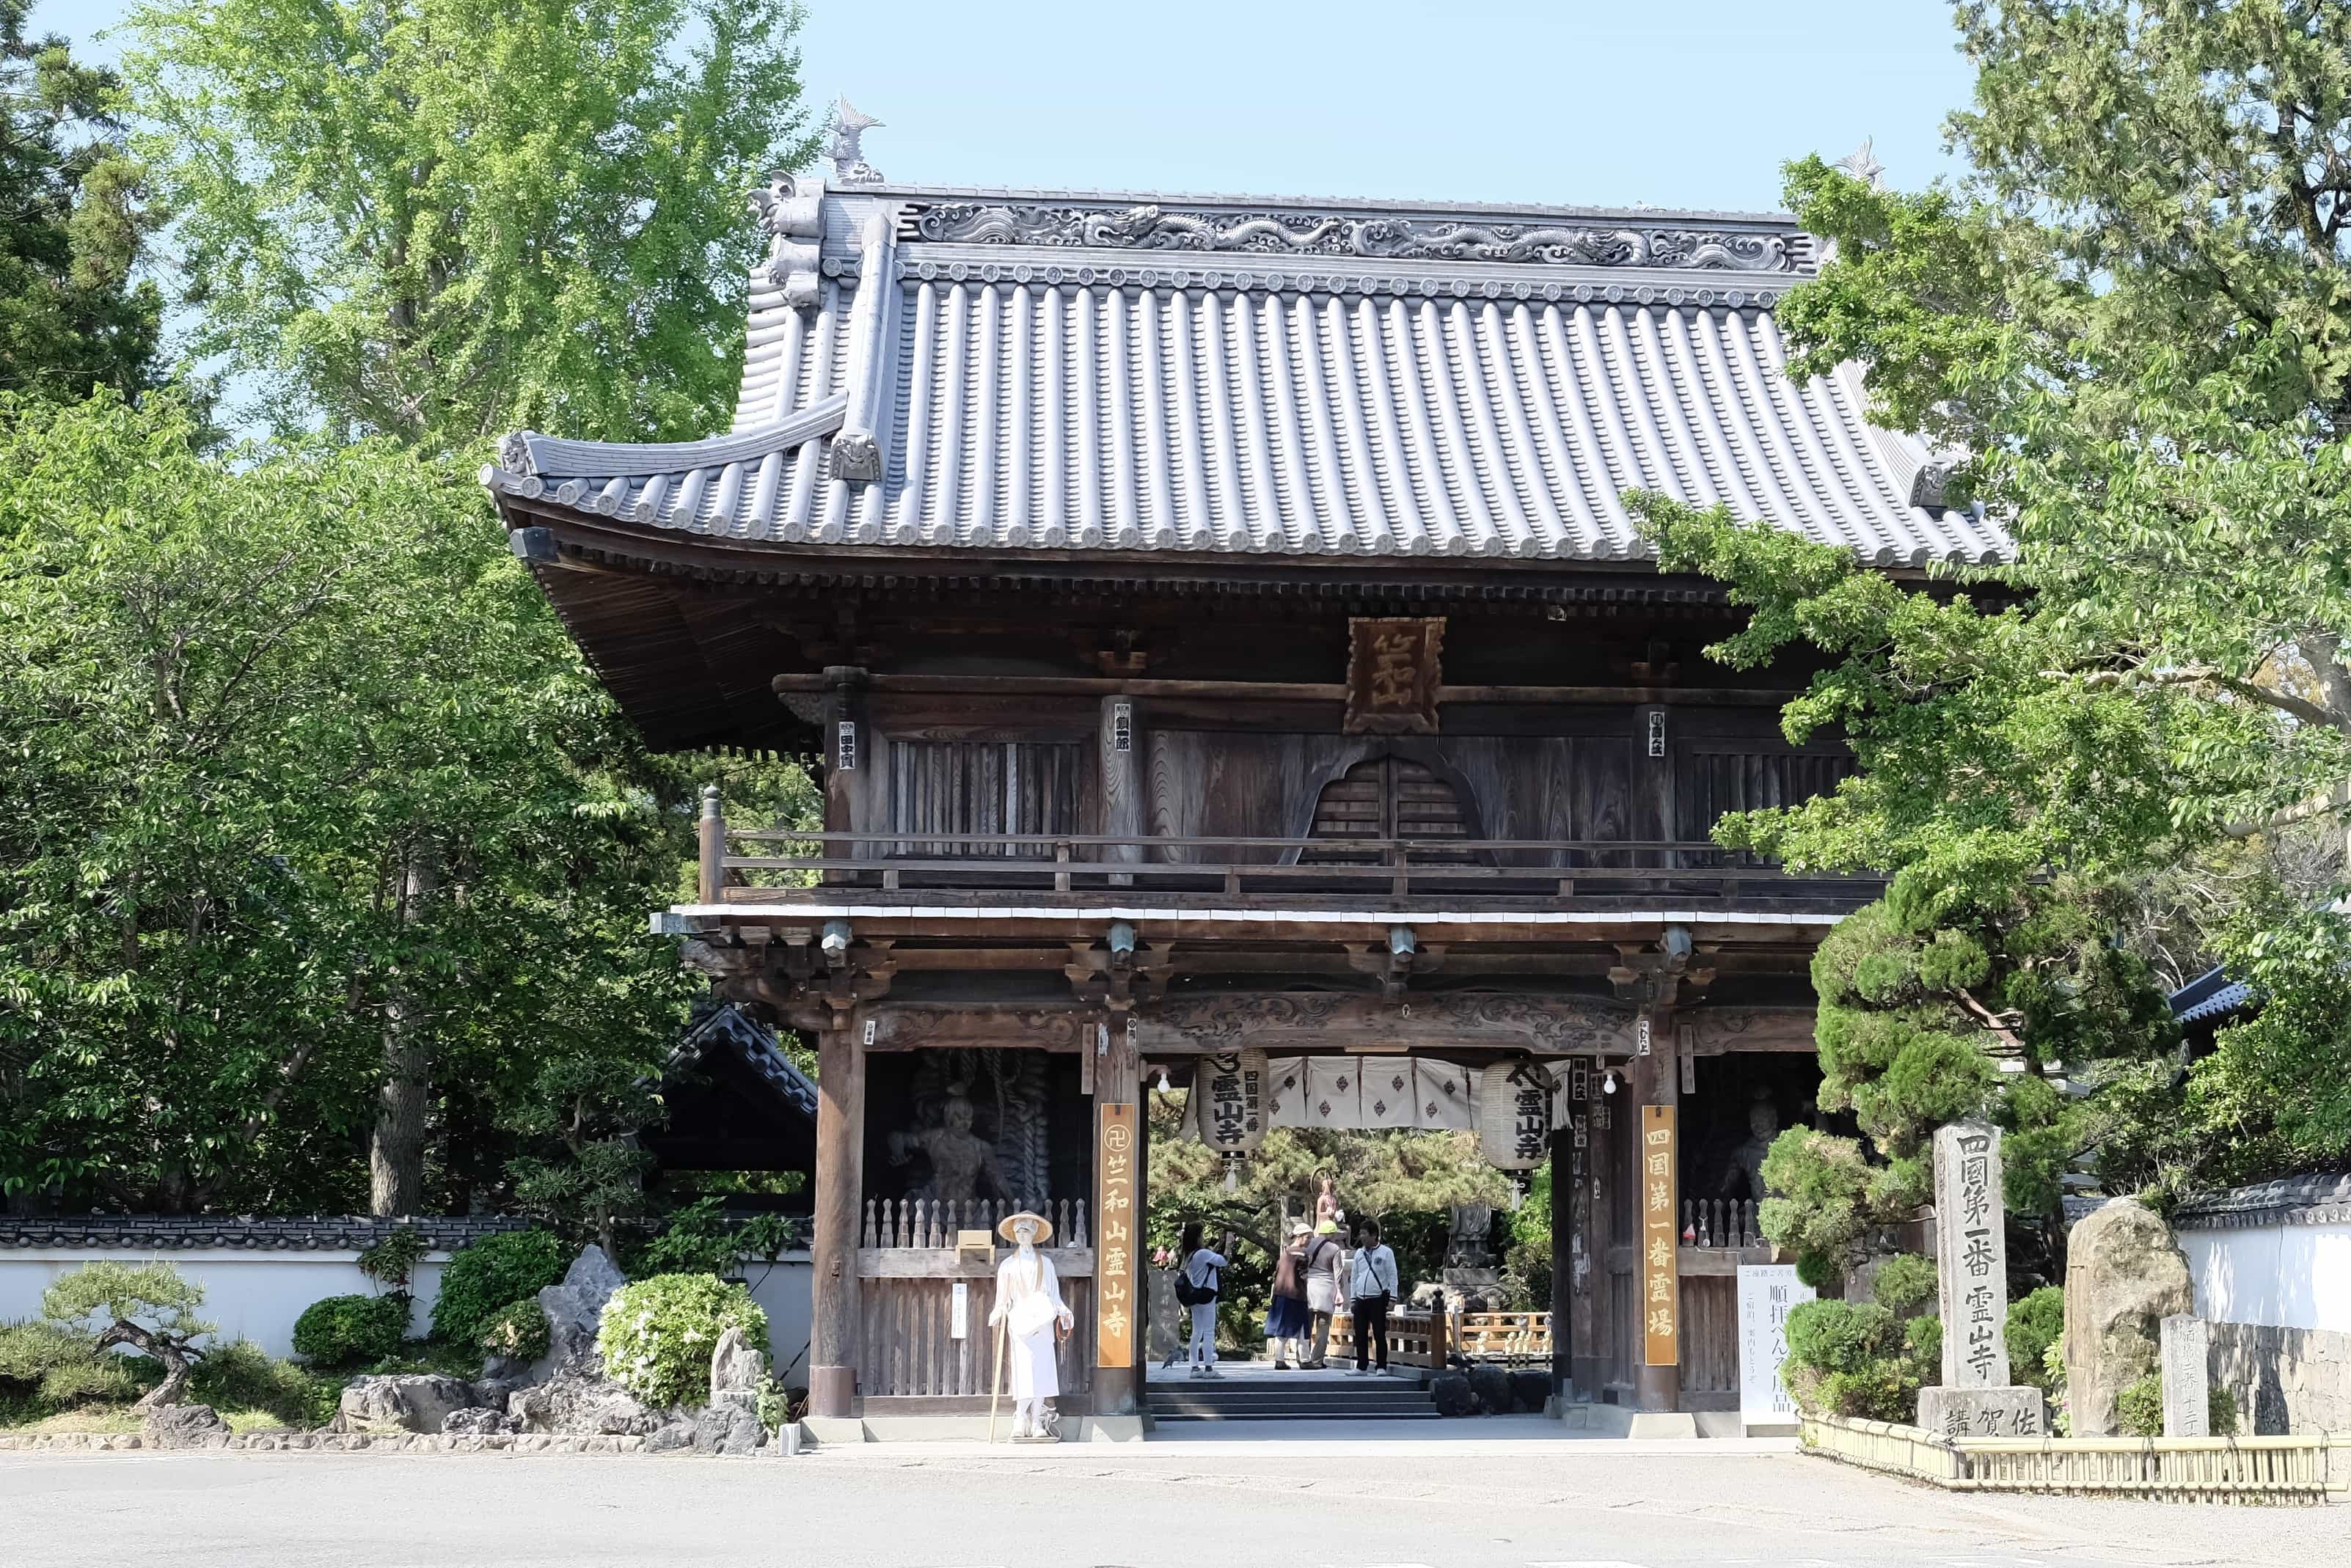 Ryozen-ji gate